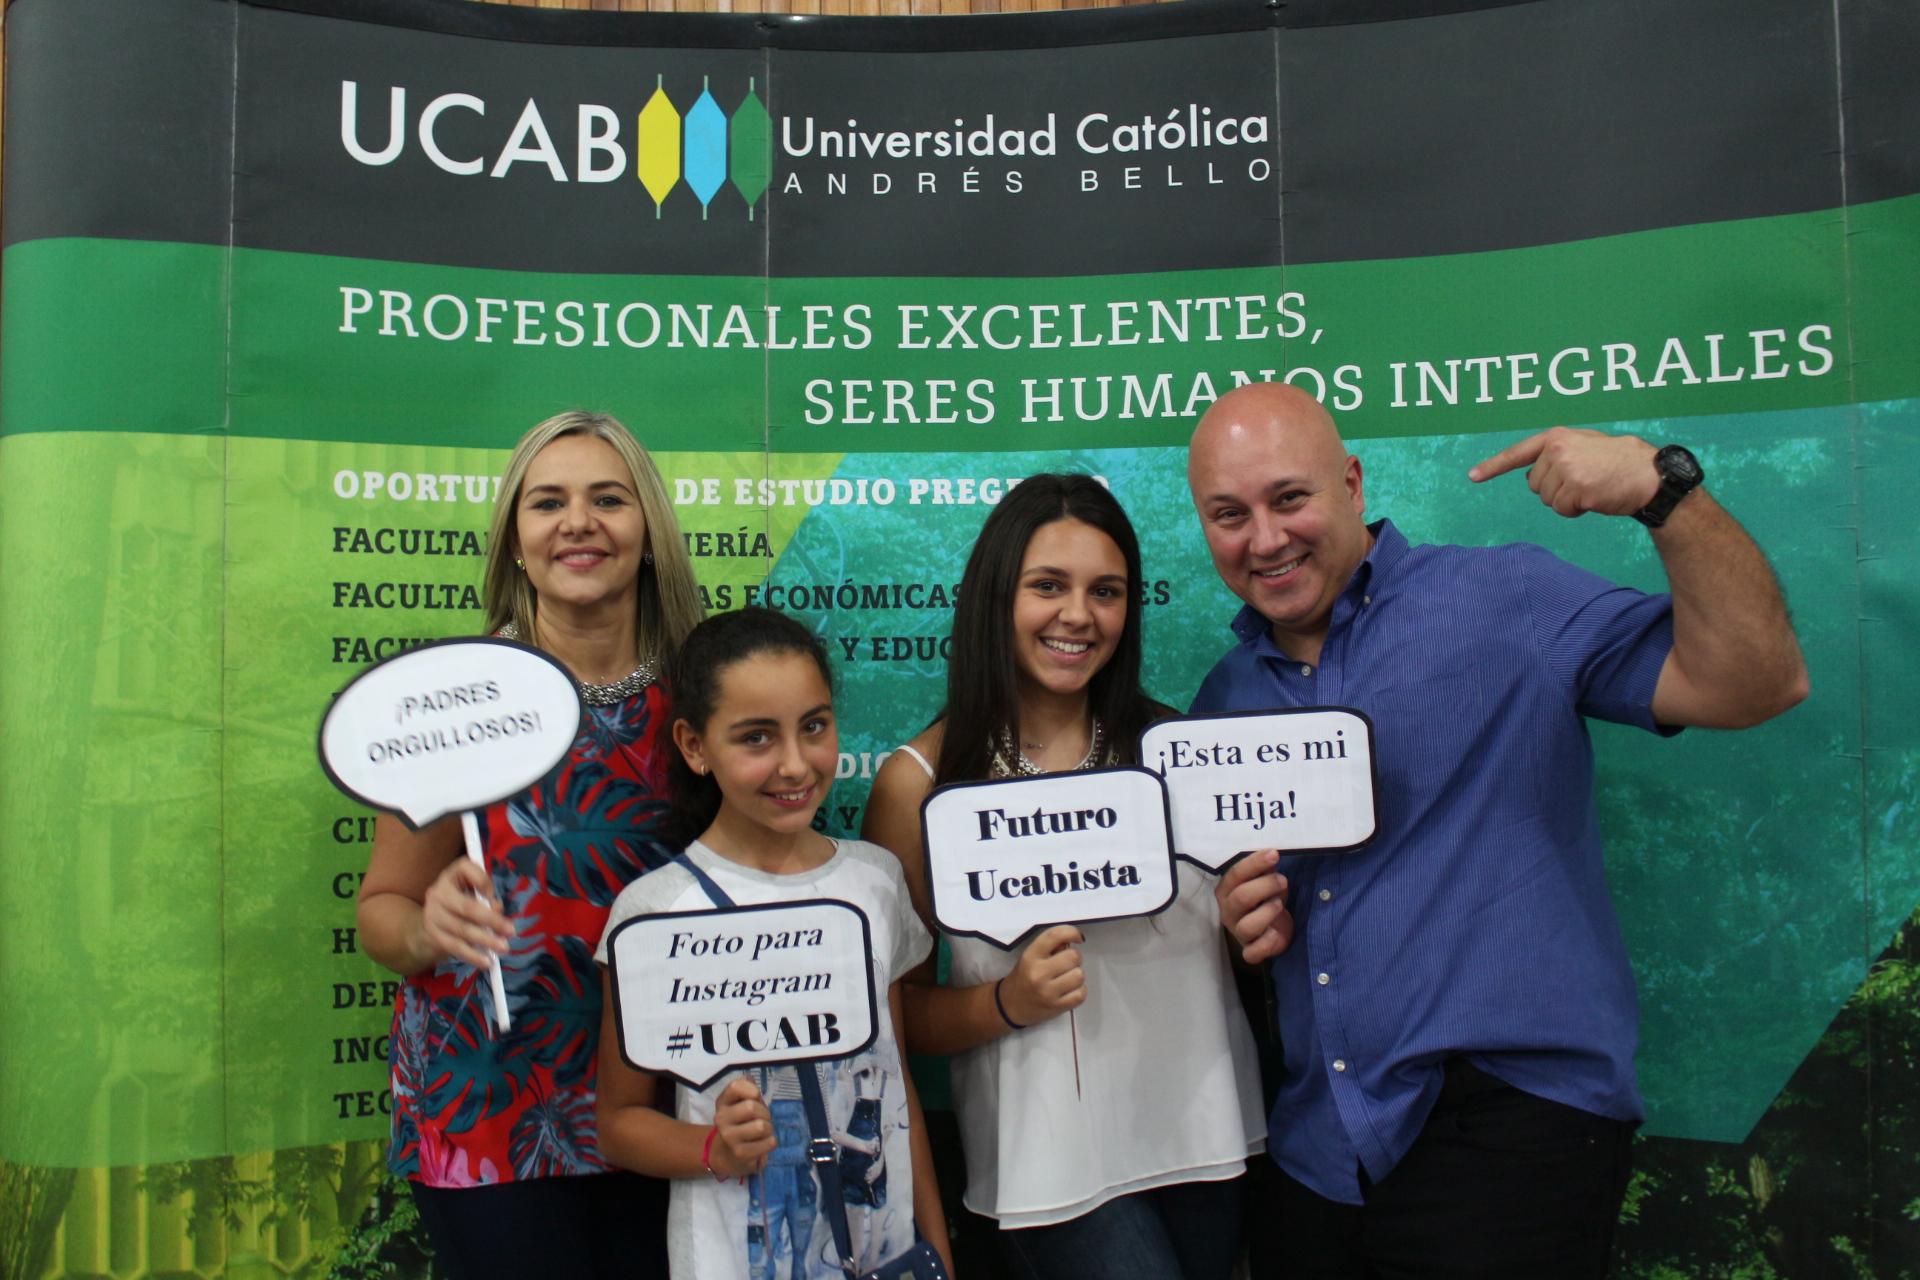 Futuros ucabistas fueron homenajeados por su excelencia